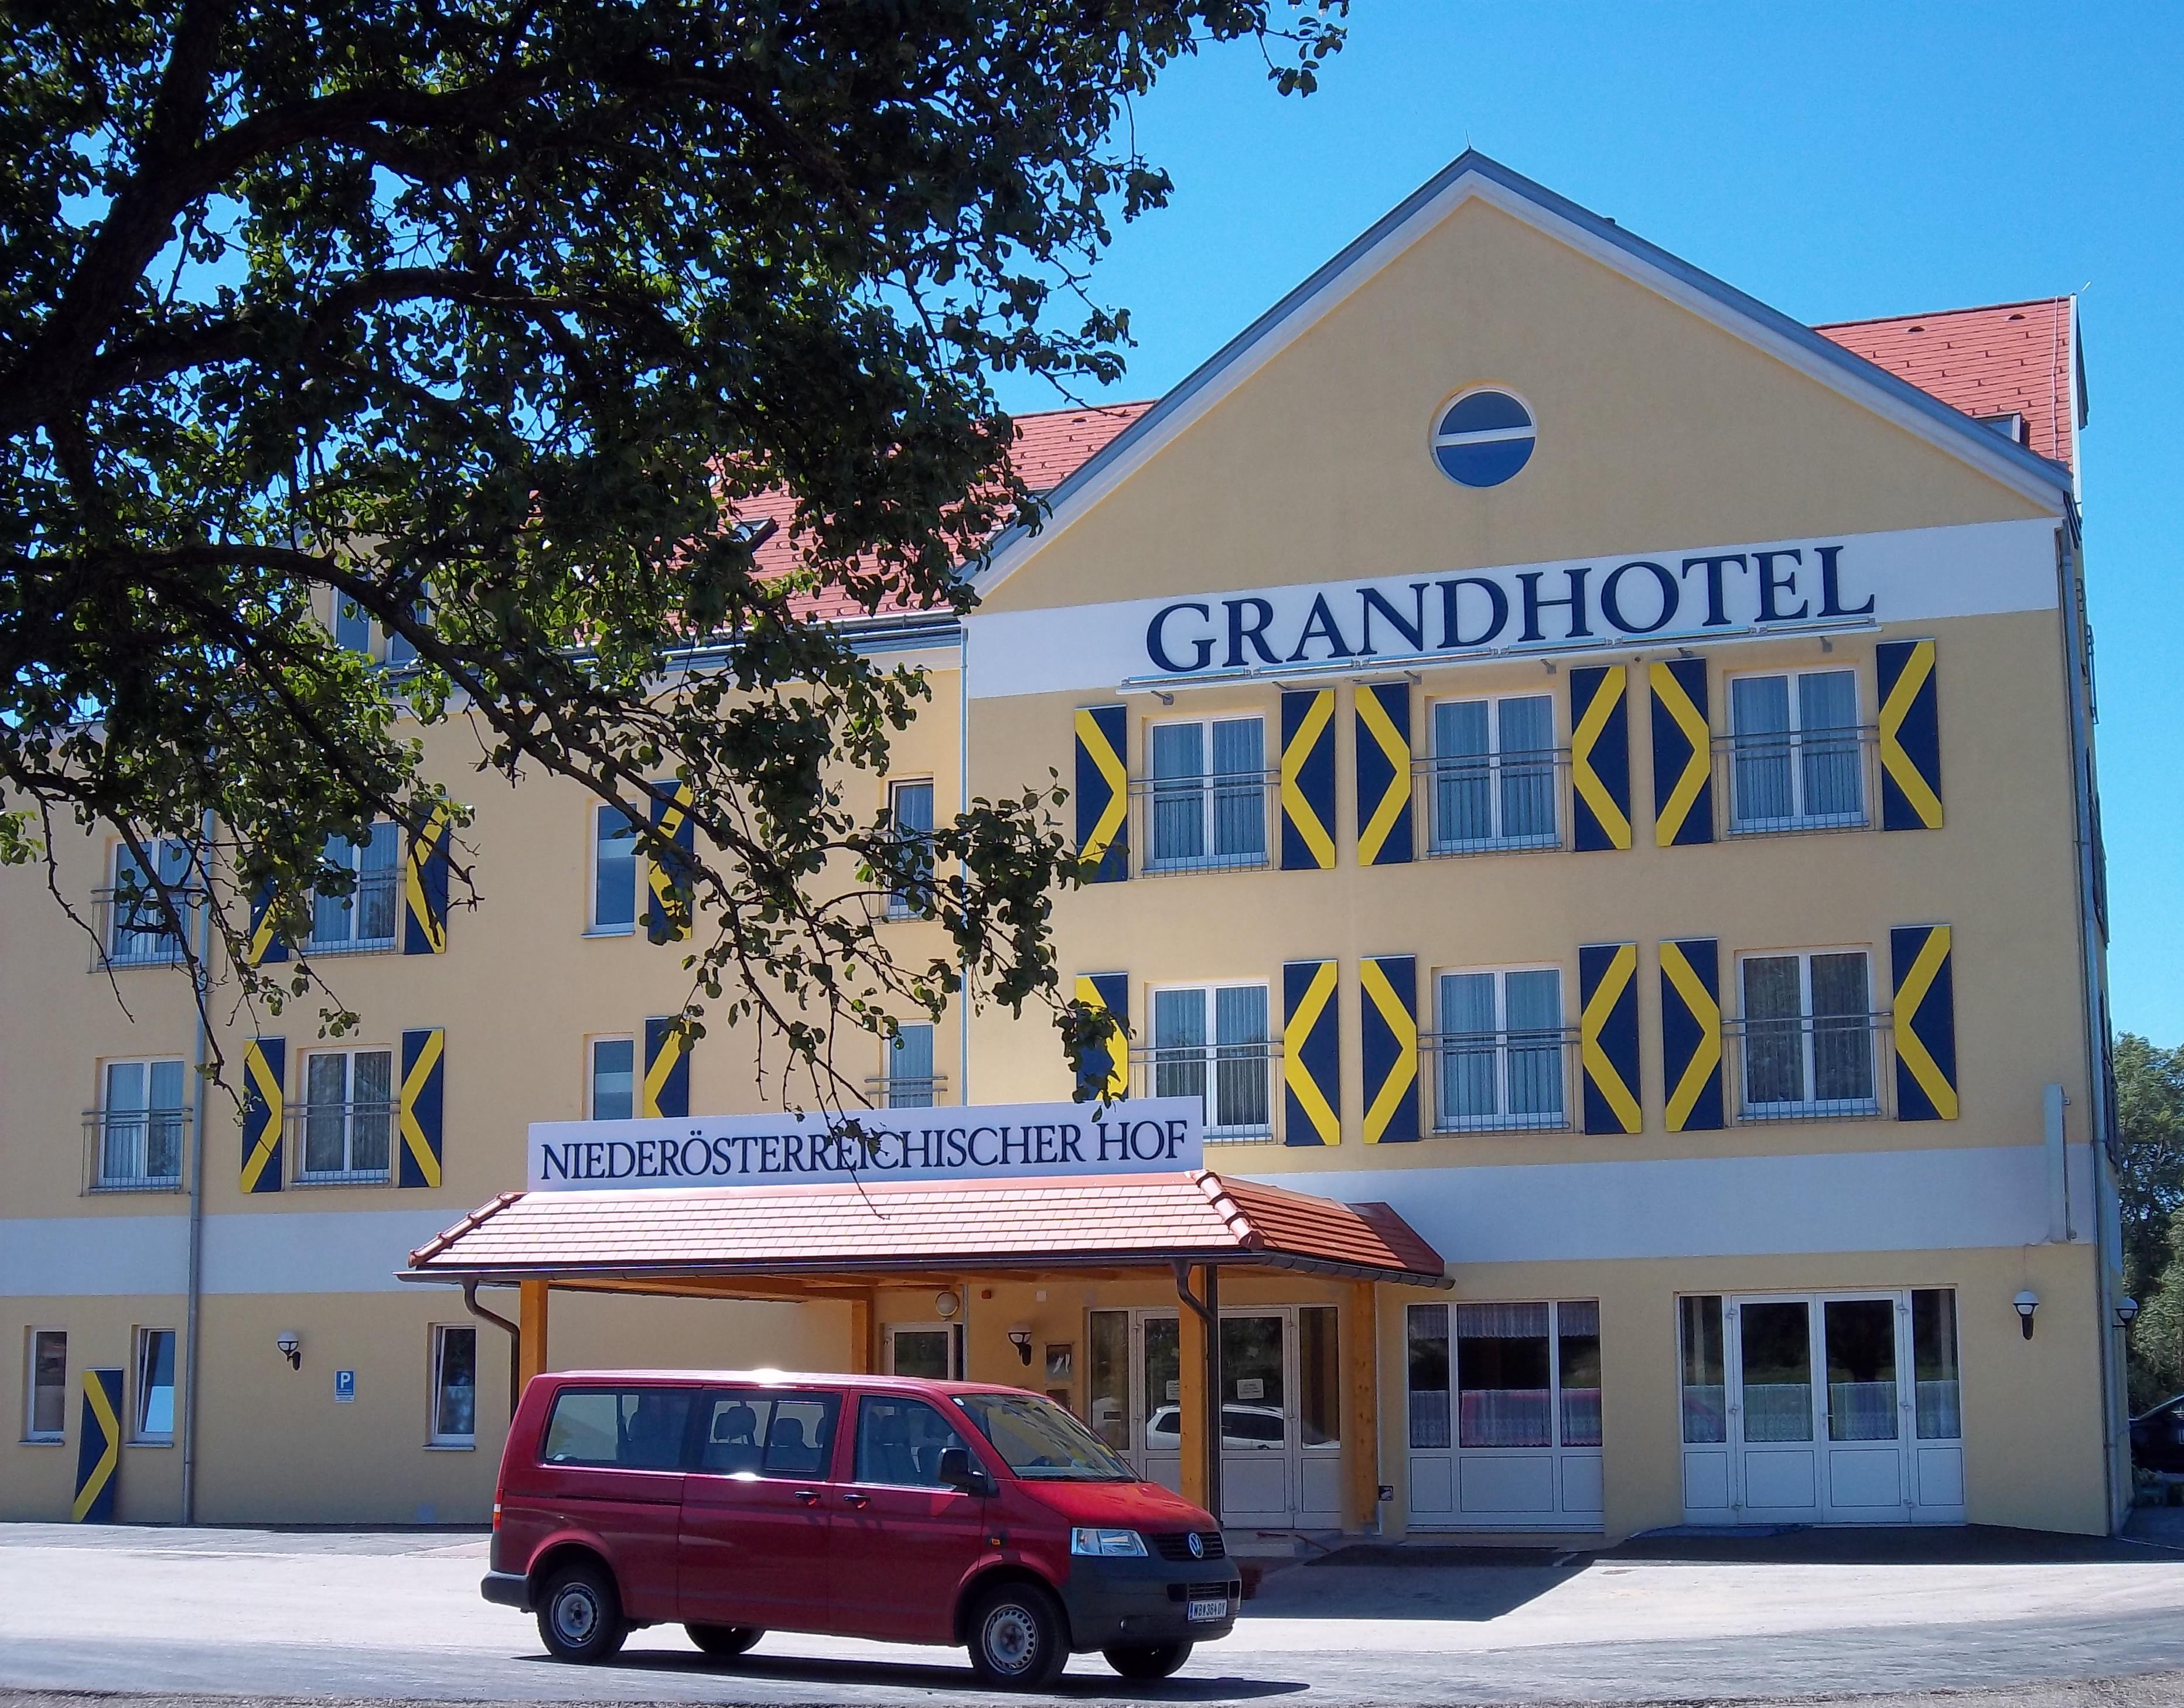 格朗德倪德羅霍夫酒店